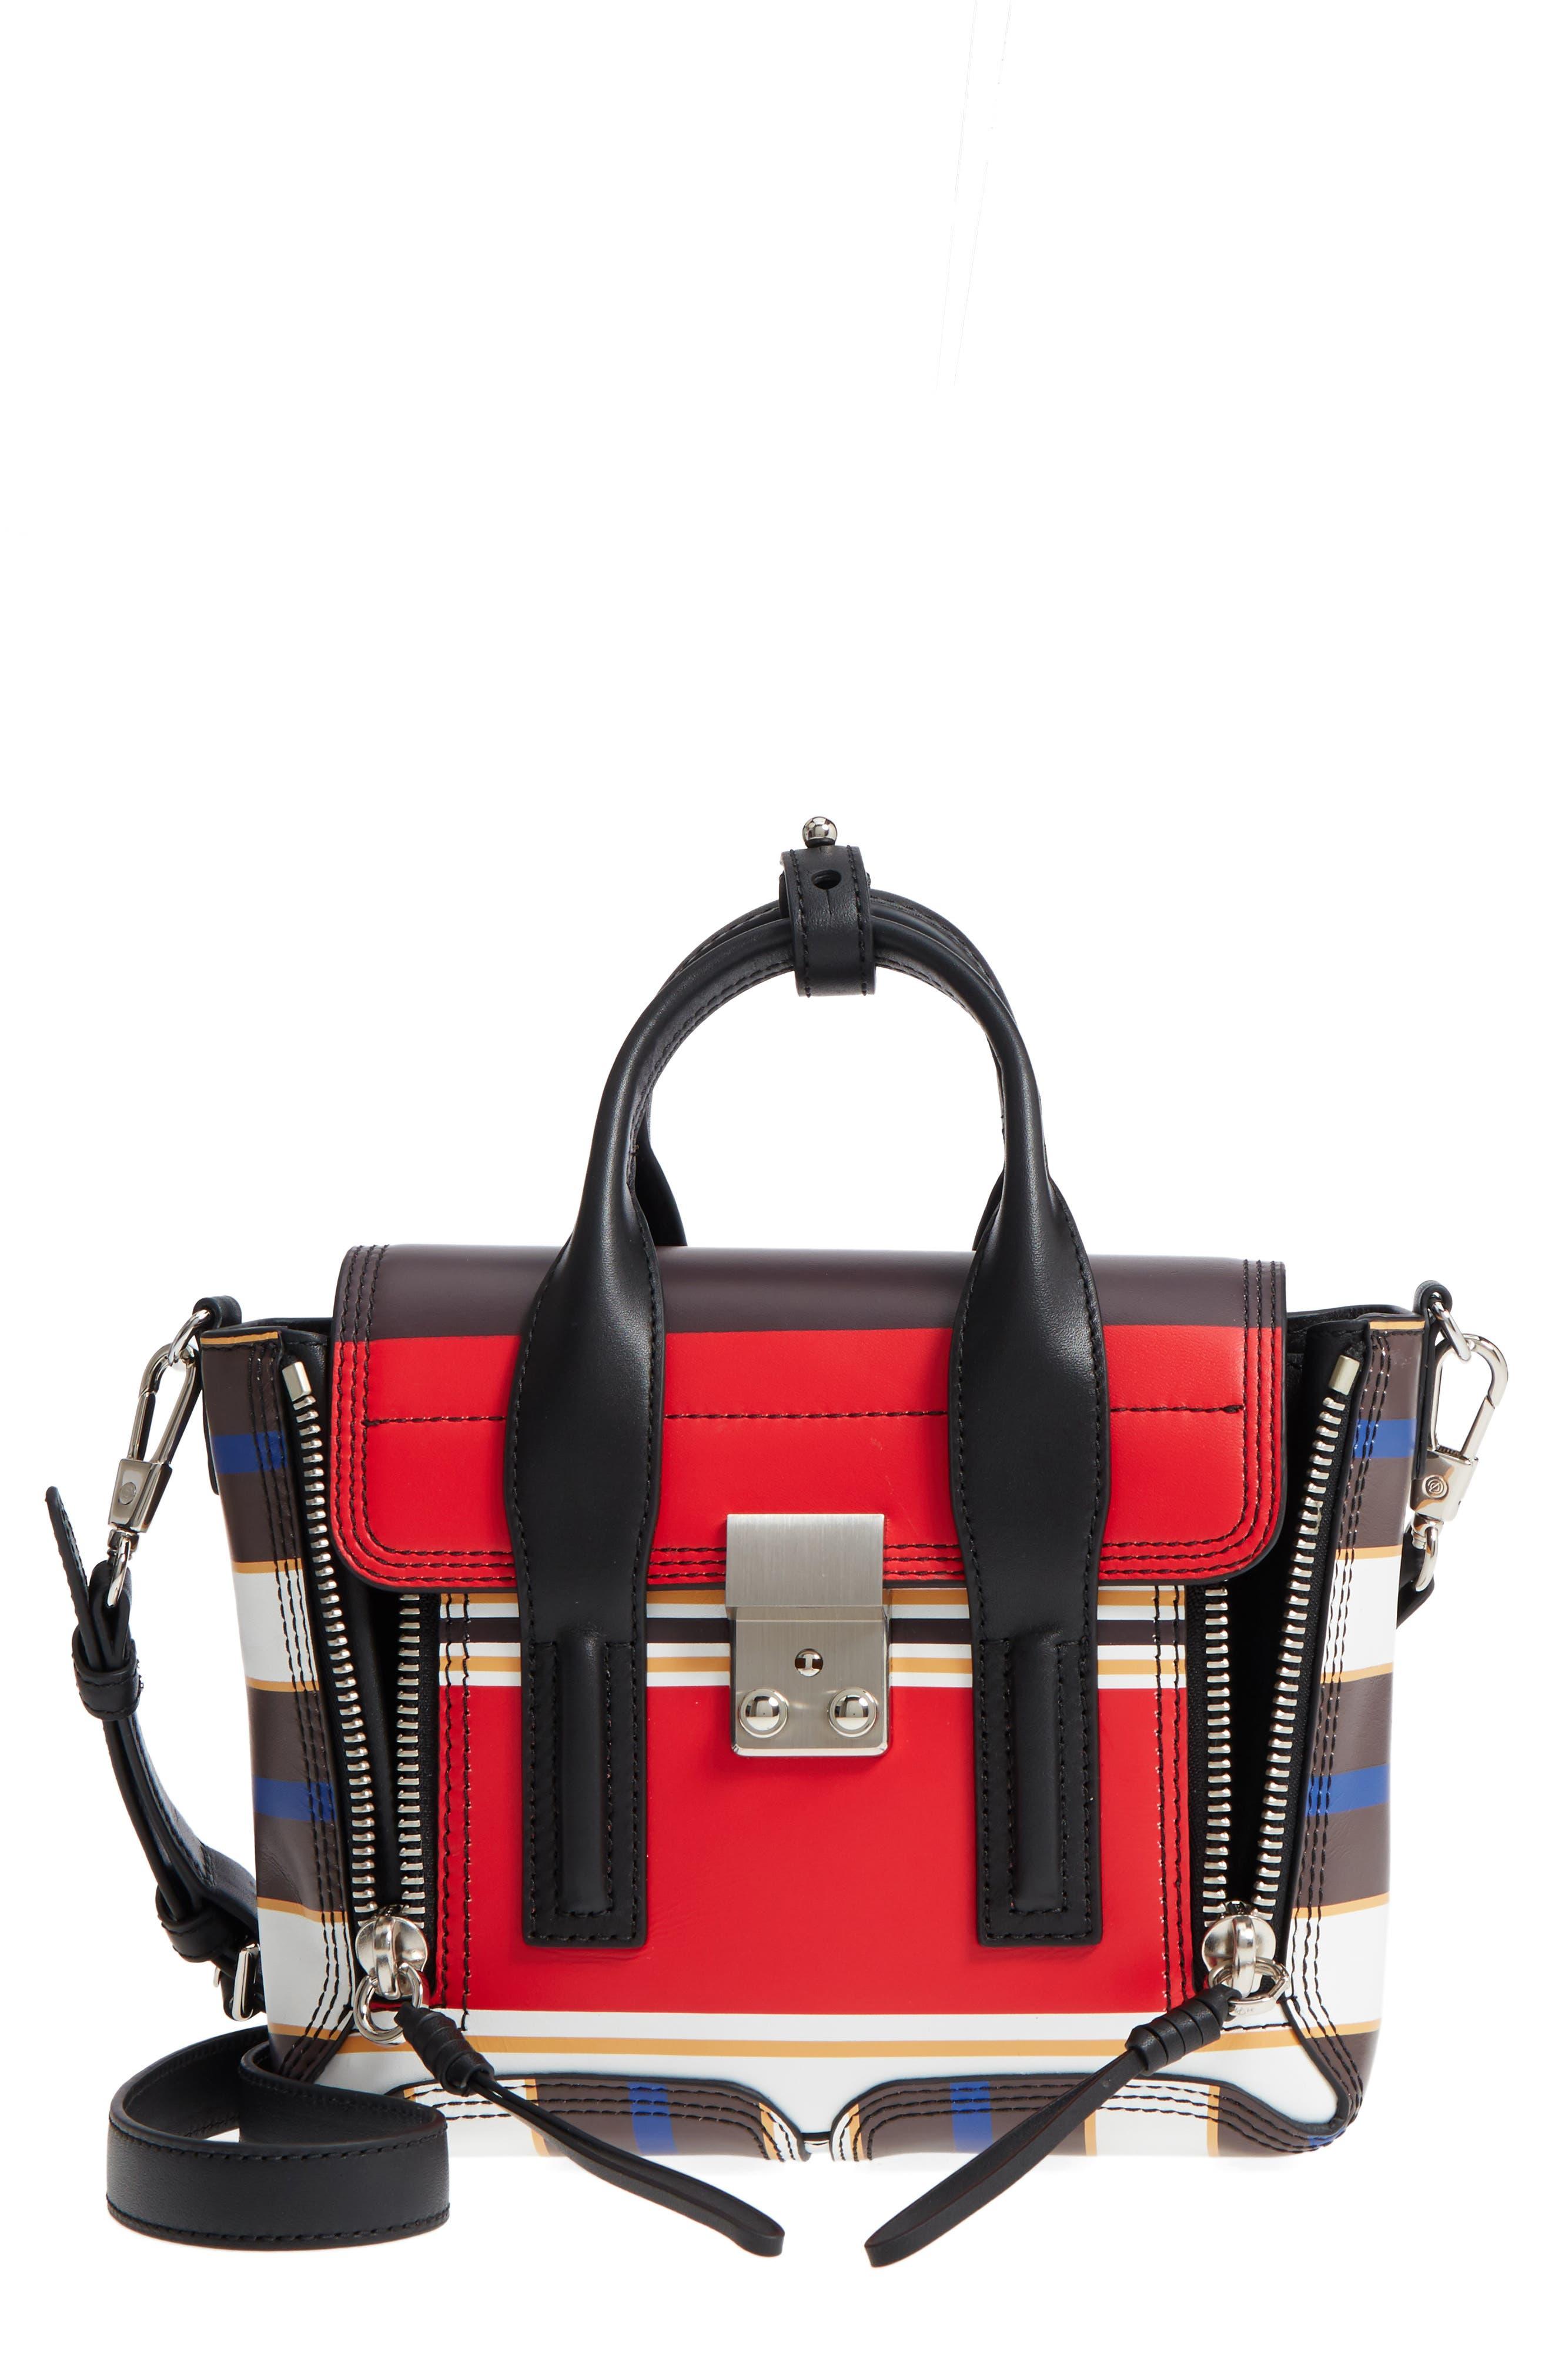 Mini Pashli Stripe Leather Satchel,                             Main thumbnail 1, color,                             Red Multi